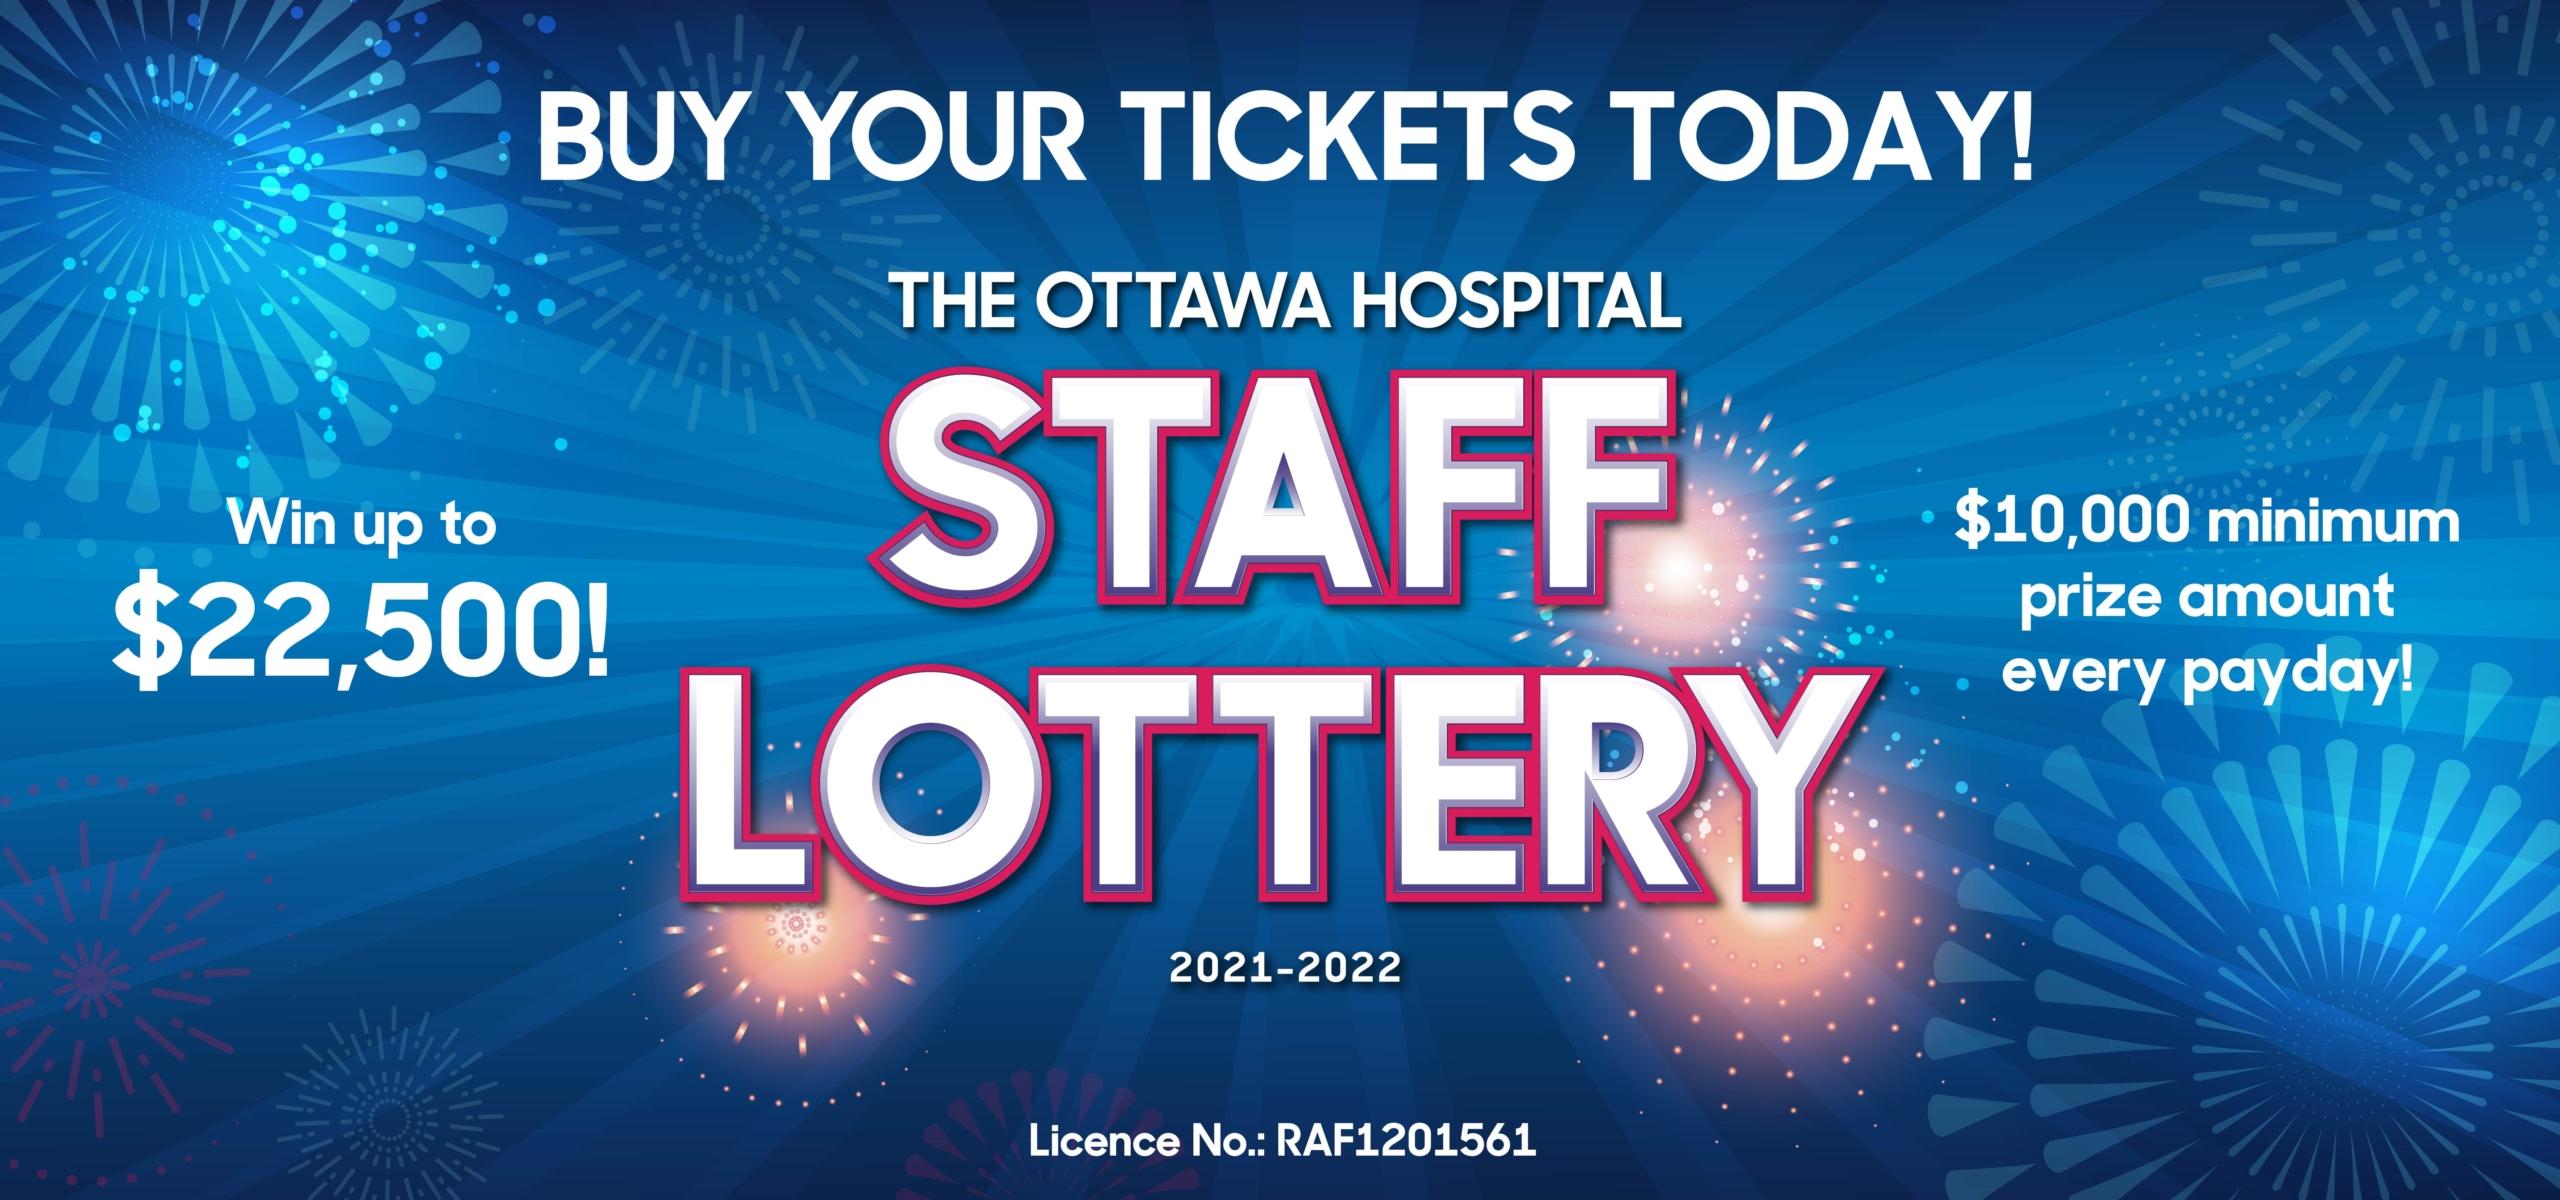 The Ottawa Hospital 2021-2022 Staff Lottery